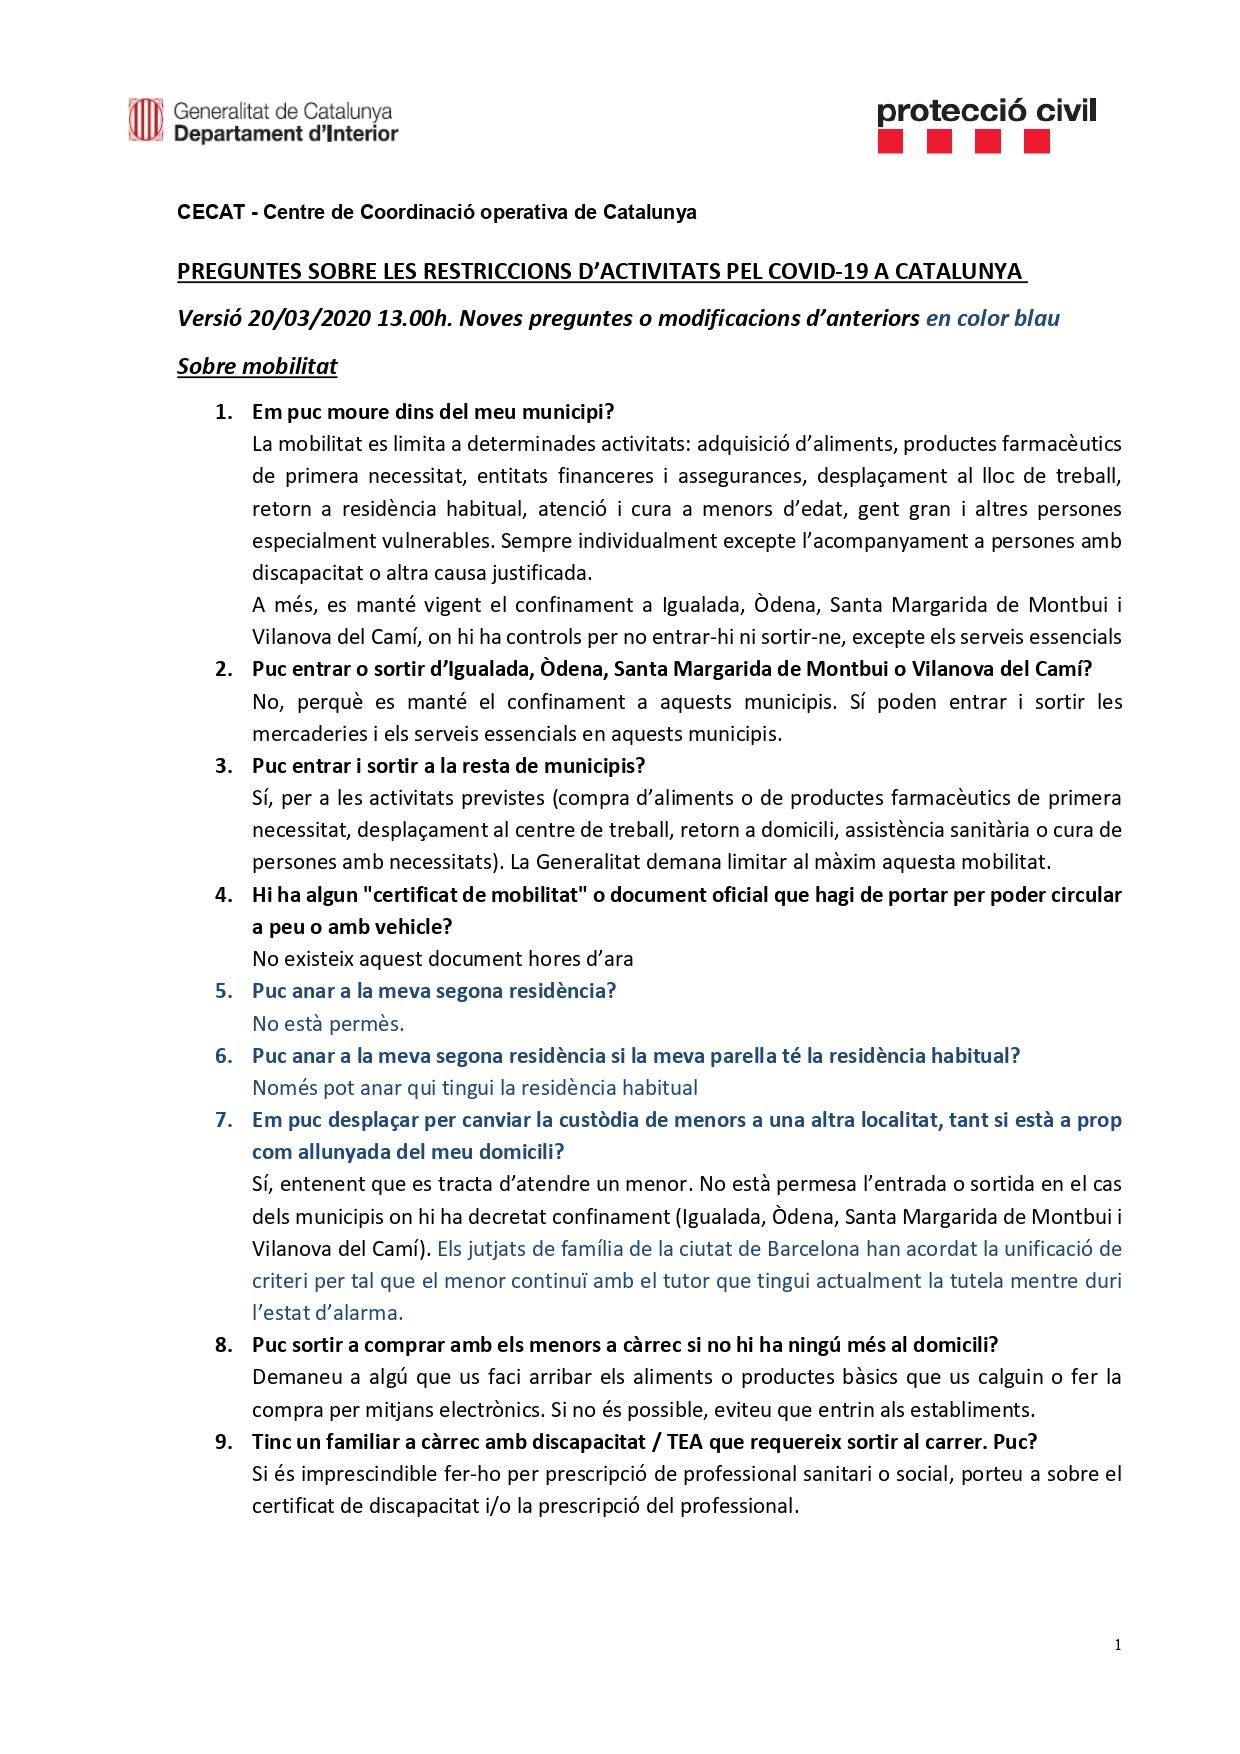 Preguntes freqüents sobre el coronavirus Covid-19. Què puc fer i què no? Versió 20-03-20 | 13h